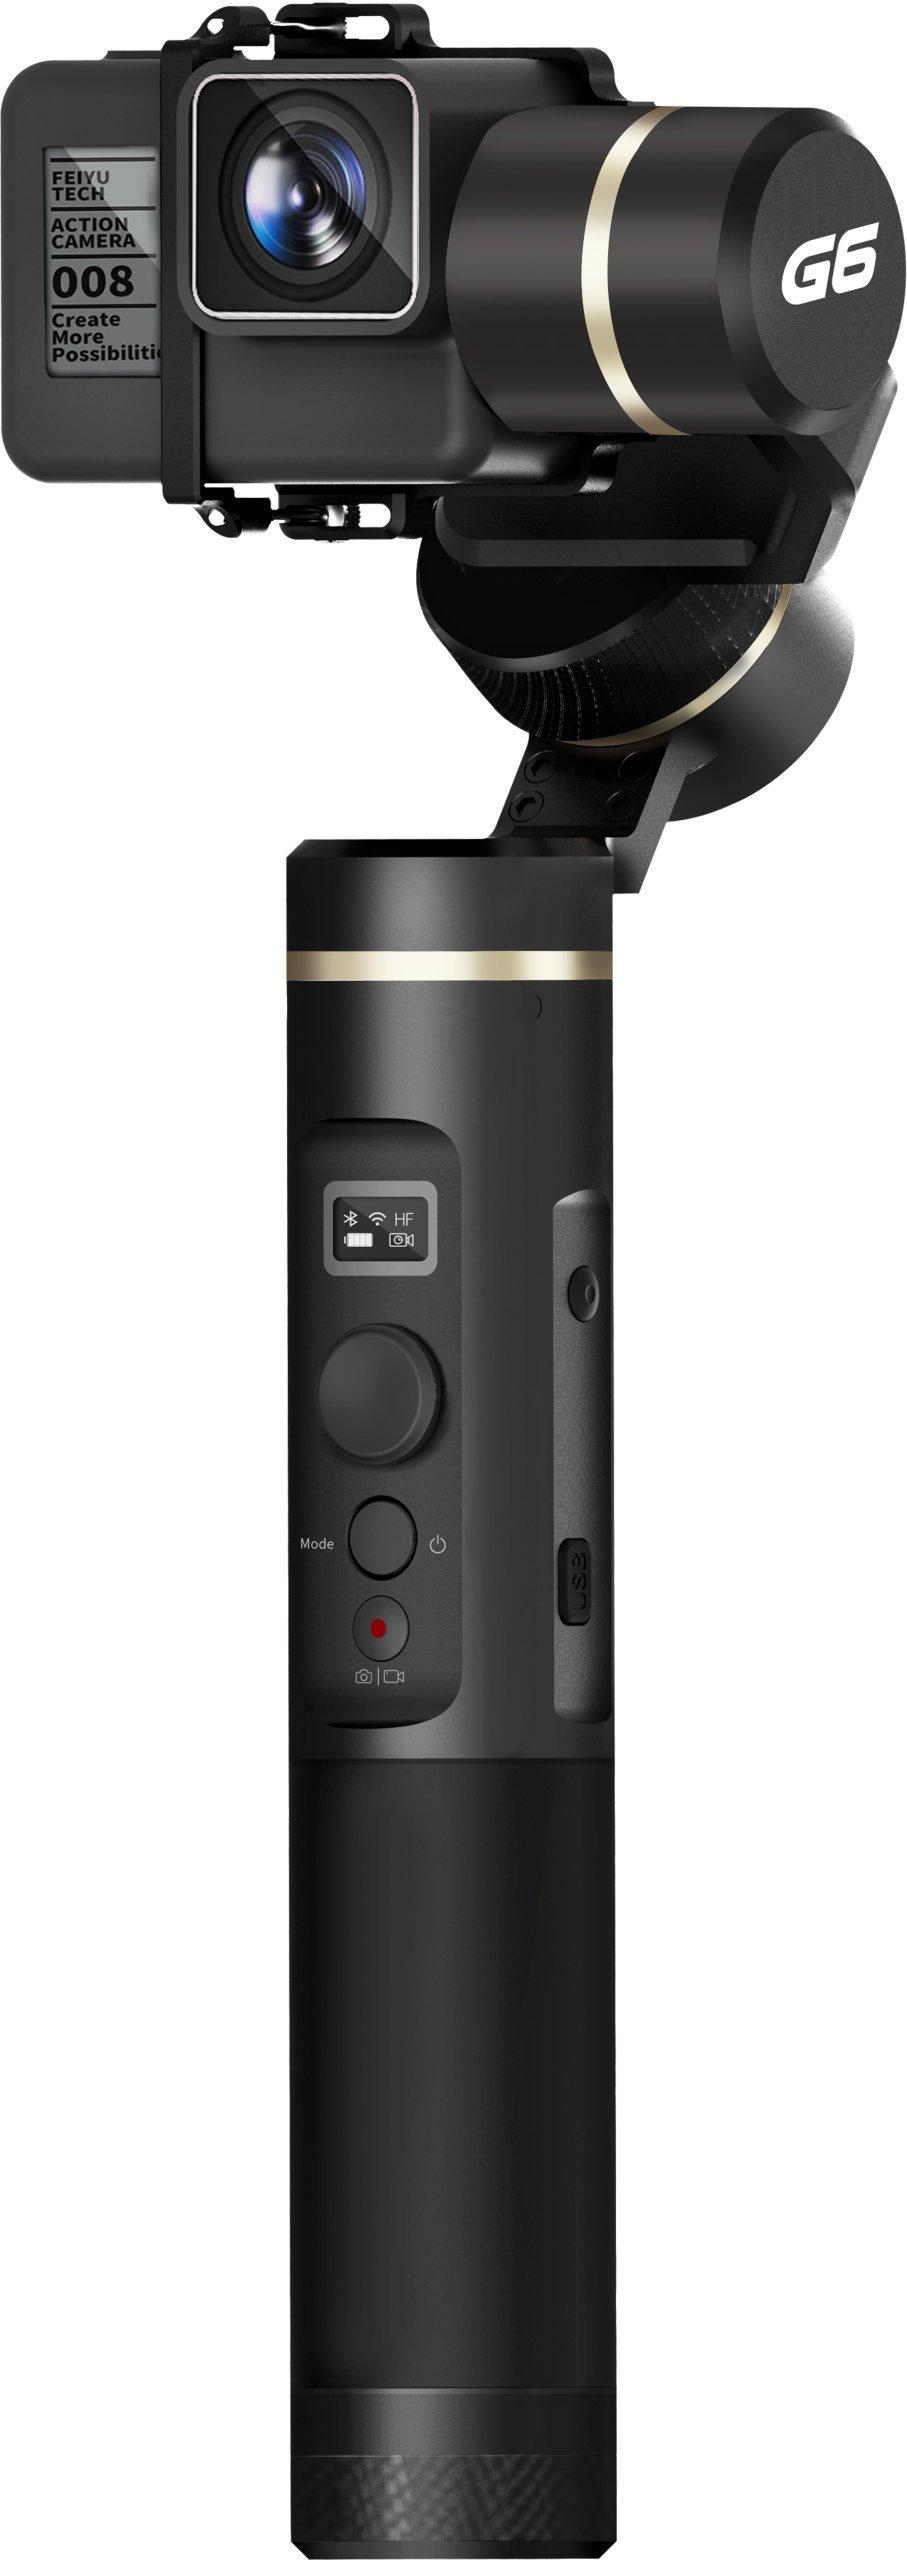 GoPro Hero 6 / Hero 5 / Hero 4 / Hero 3+ / Hero 3 / Yi 4K / AEE oraz innymi kamerami o podobnych wymiarach.